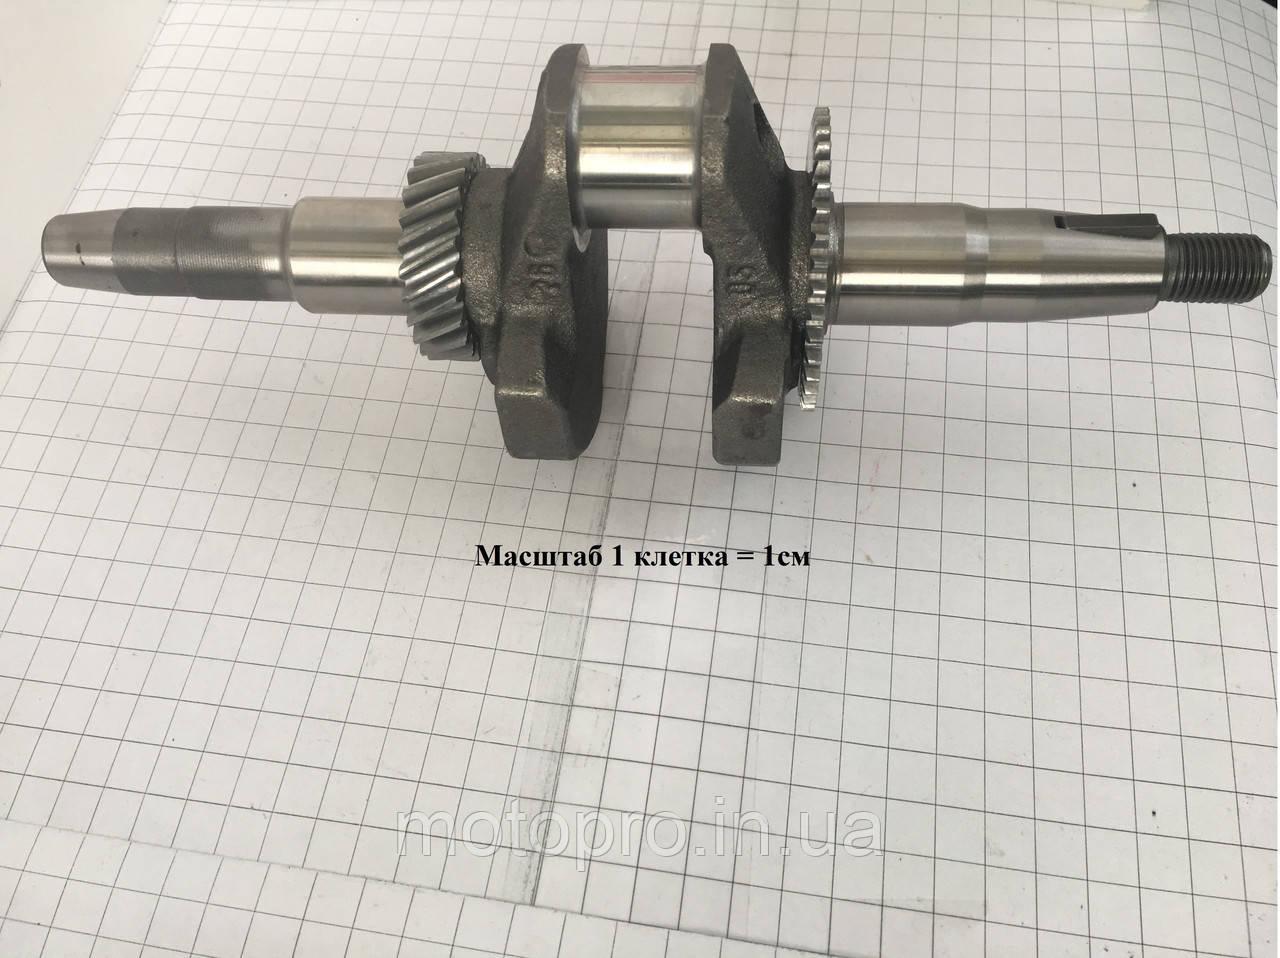 168/170- Коленвал (конус)  L=30 мм (от шестерни до края конуса - 62 мм)